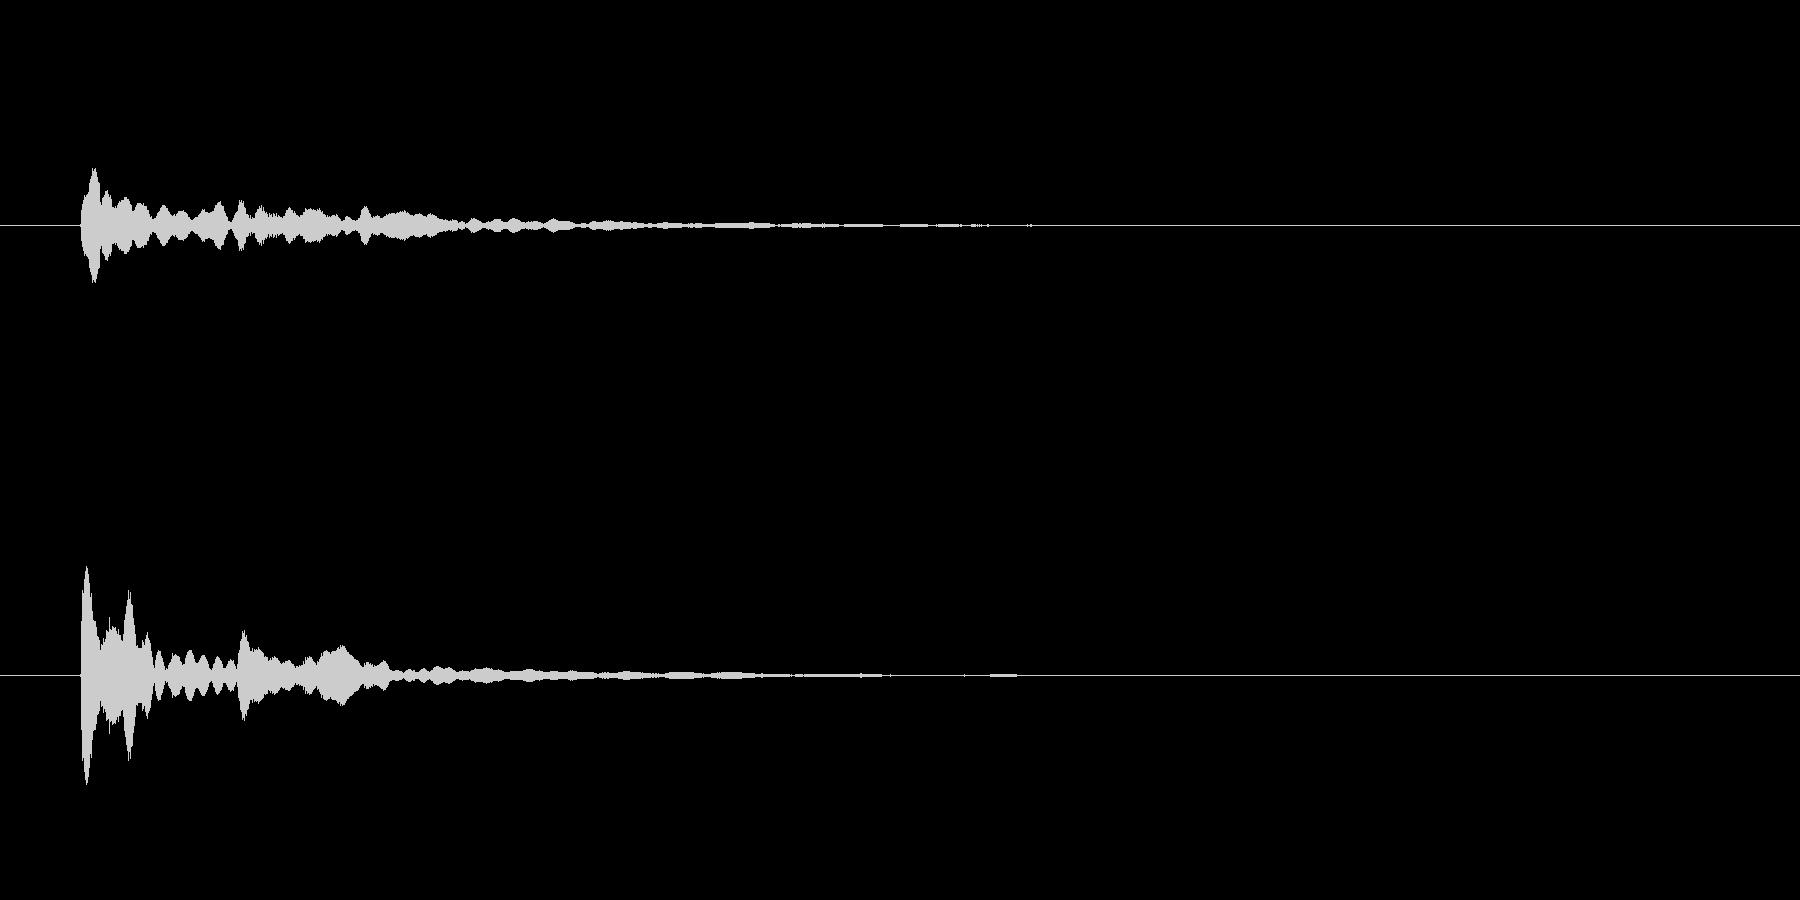 「カラーン」と響くひんやりとした鐘の音の未再生の波形